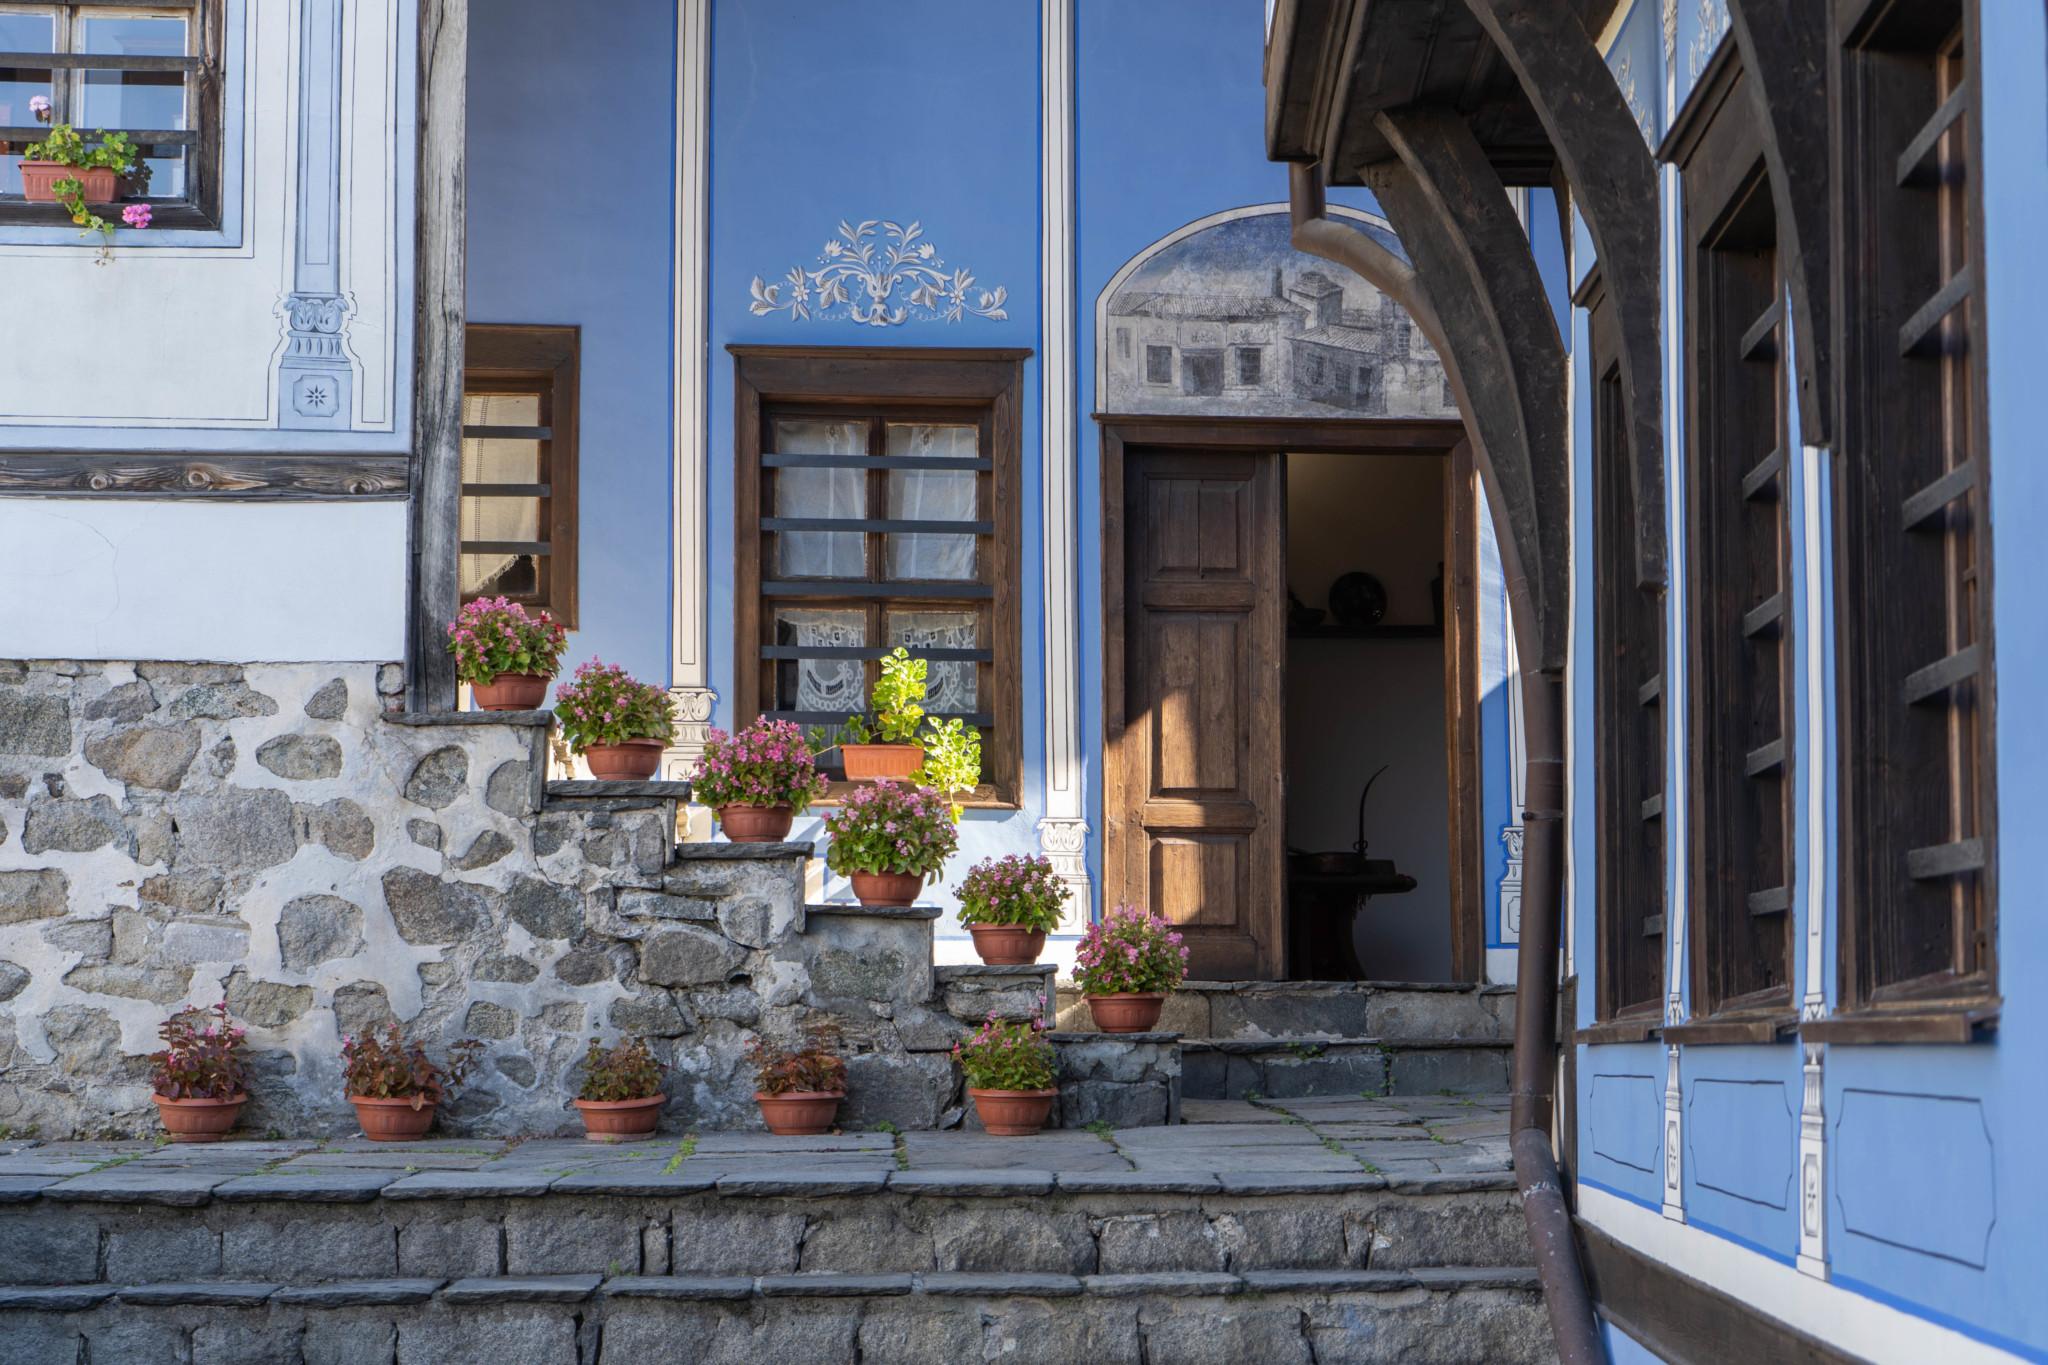 Wiedergeburtshäuser sind die wichtigsten Plovdiv Sehenswürdigkeiten